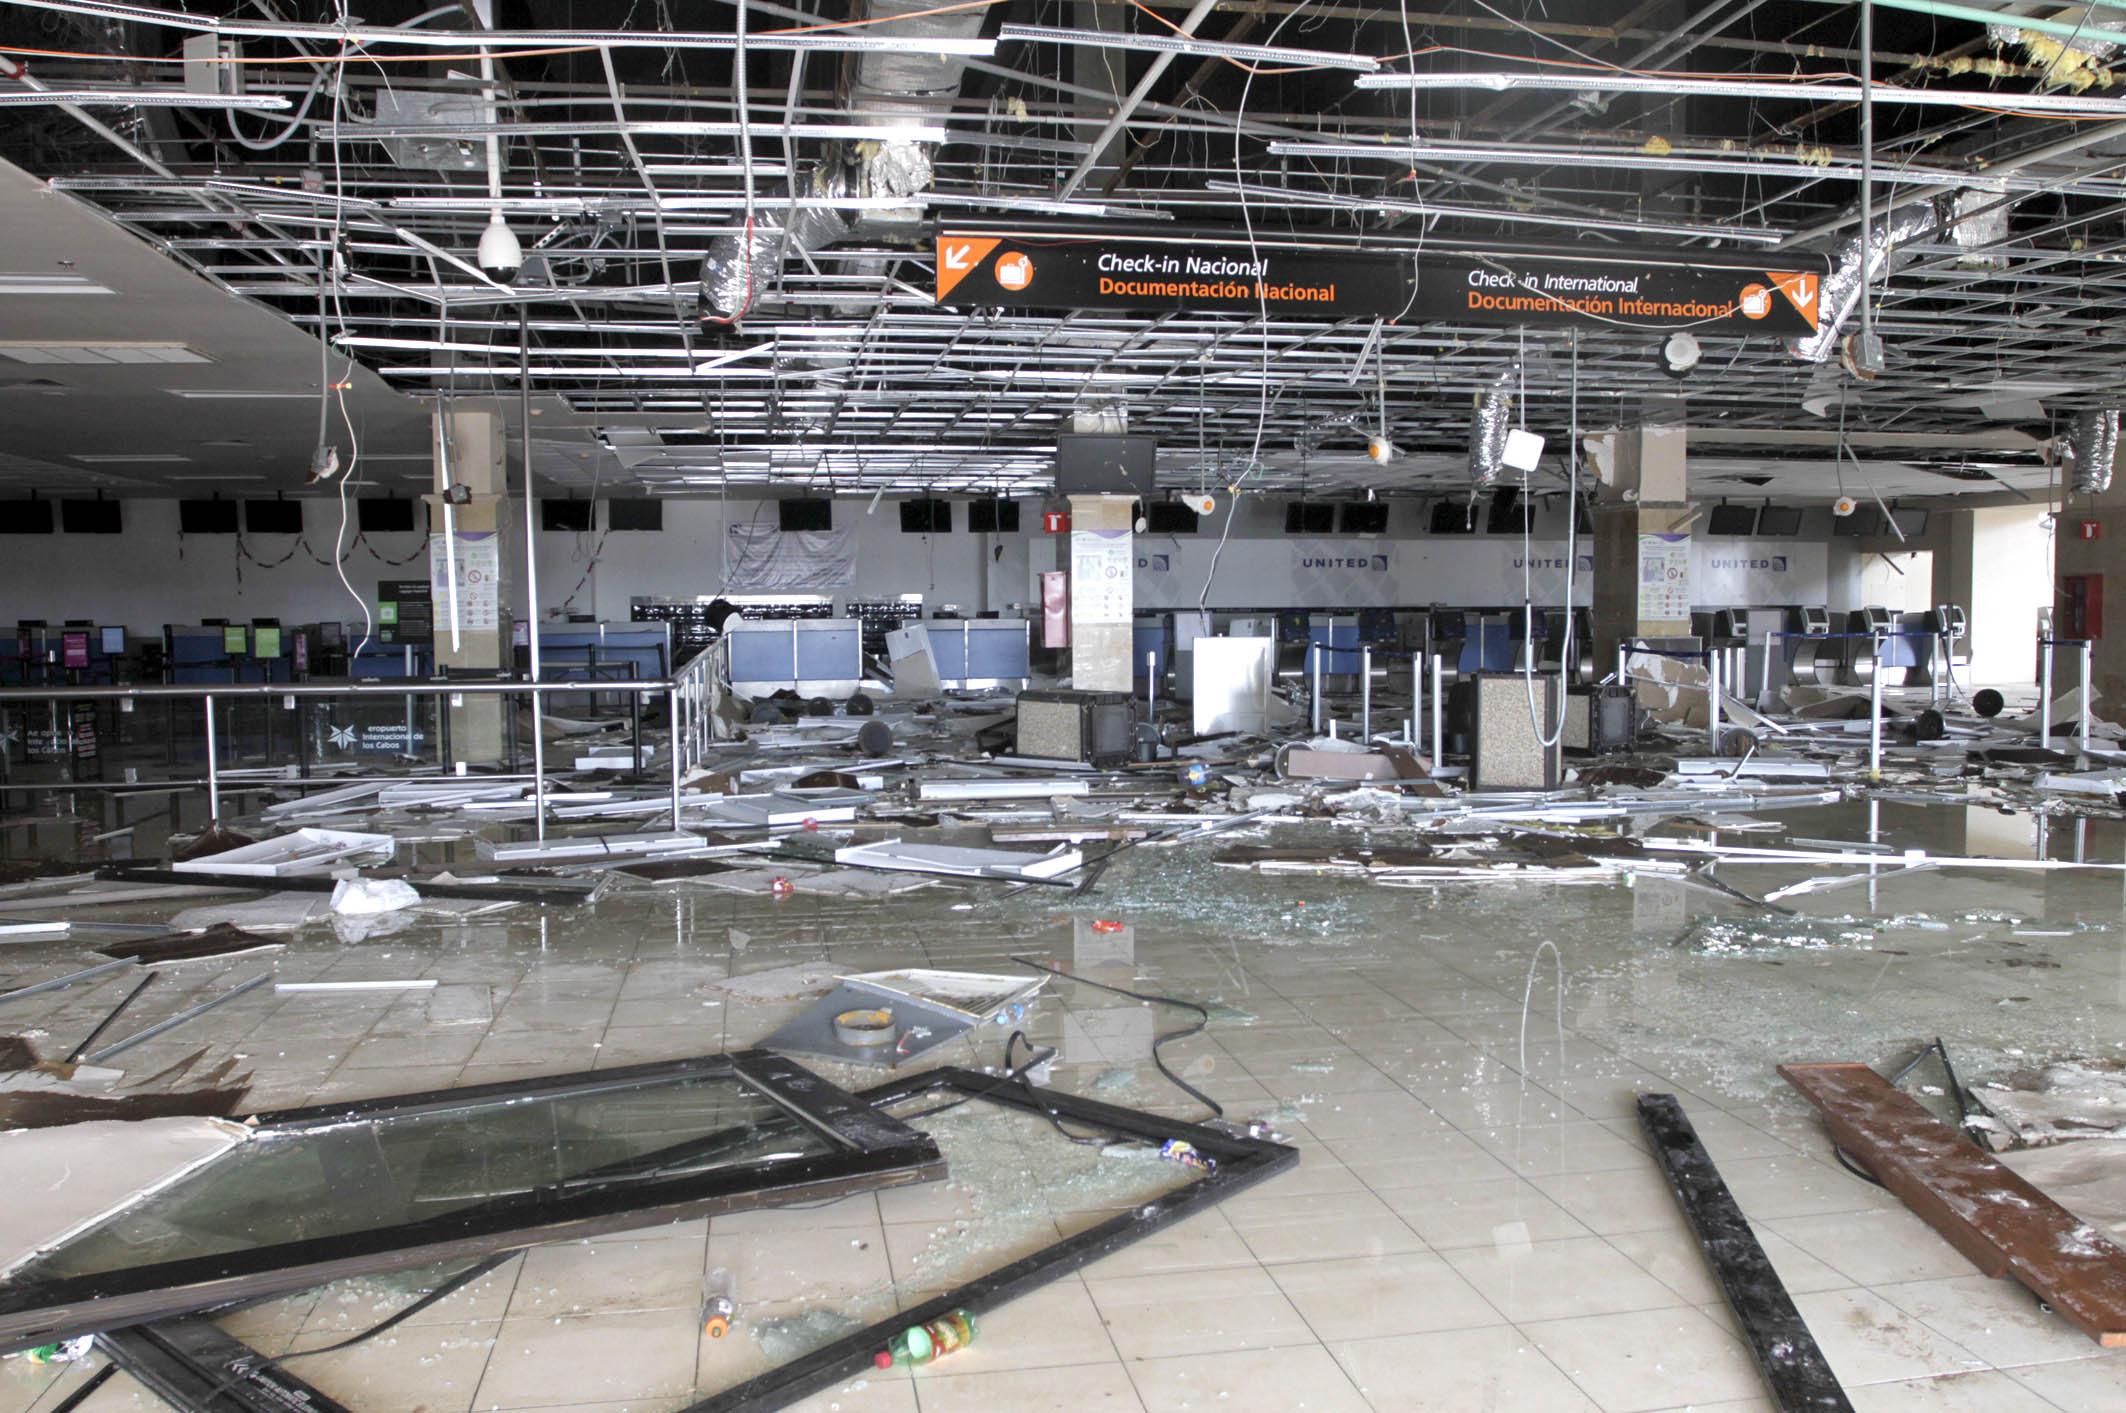 Da ado el aeropuerto de los cabos pero opera el puente - Aeropuerto de los cabos mexico ...